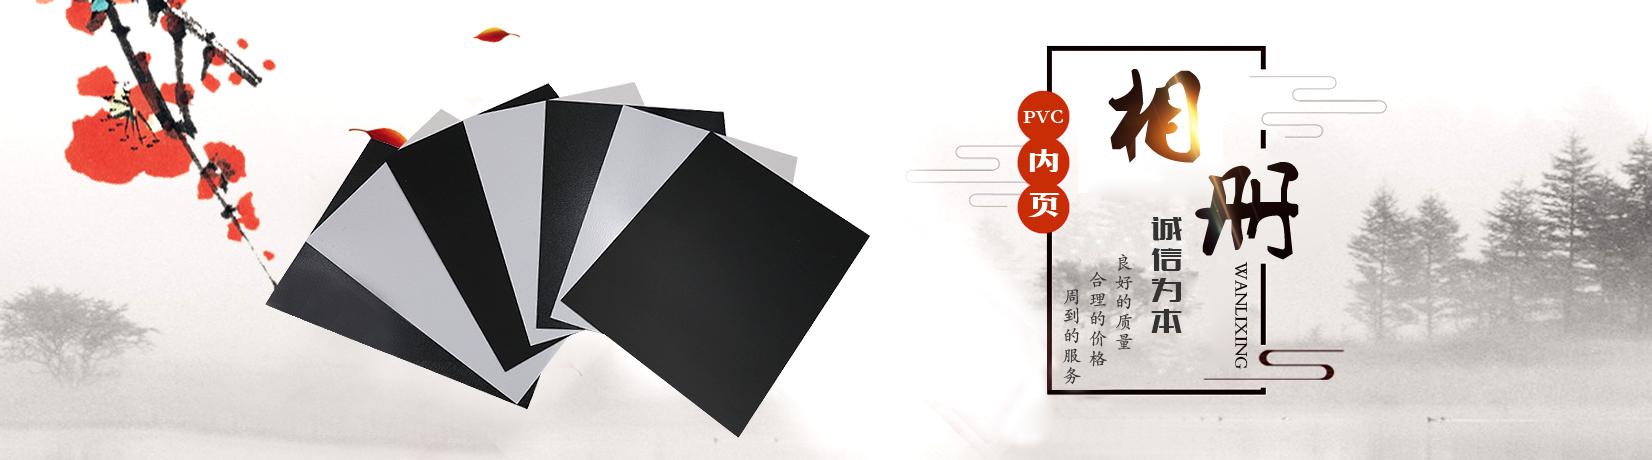 PVC相册开胶的原因